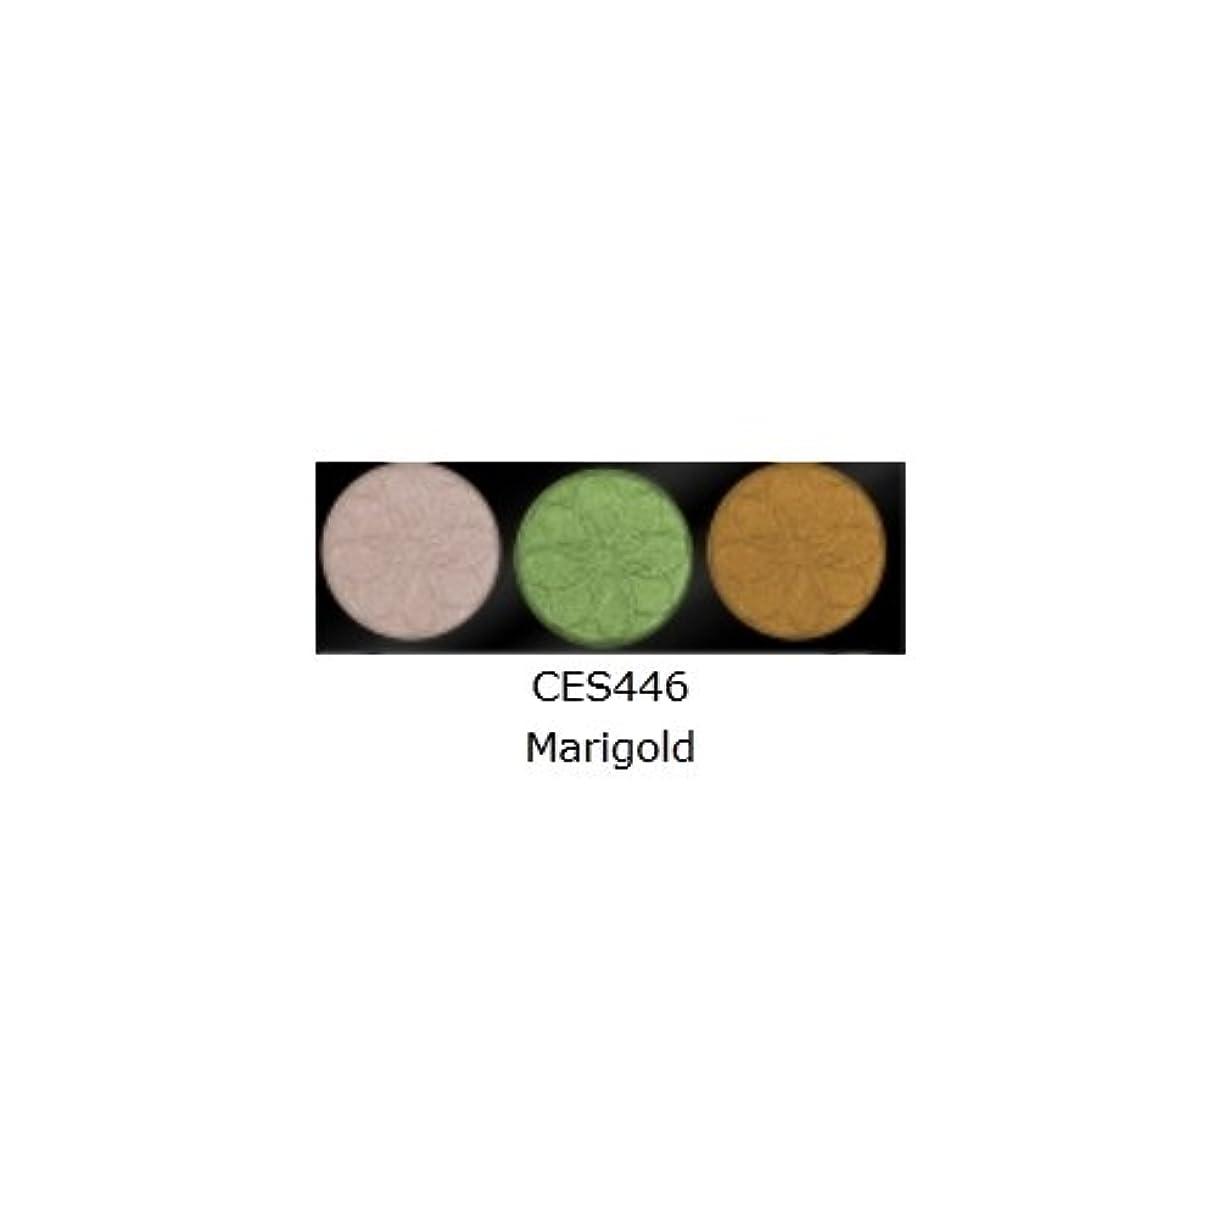 吸い込む何同化L.A. COLORS 3 Color Eyeshadow - Marigold (並行輸入品)